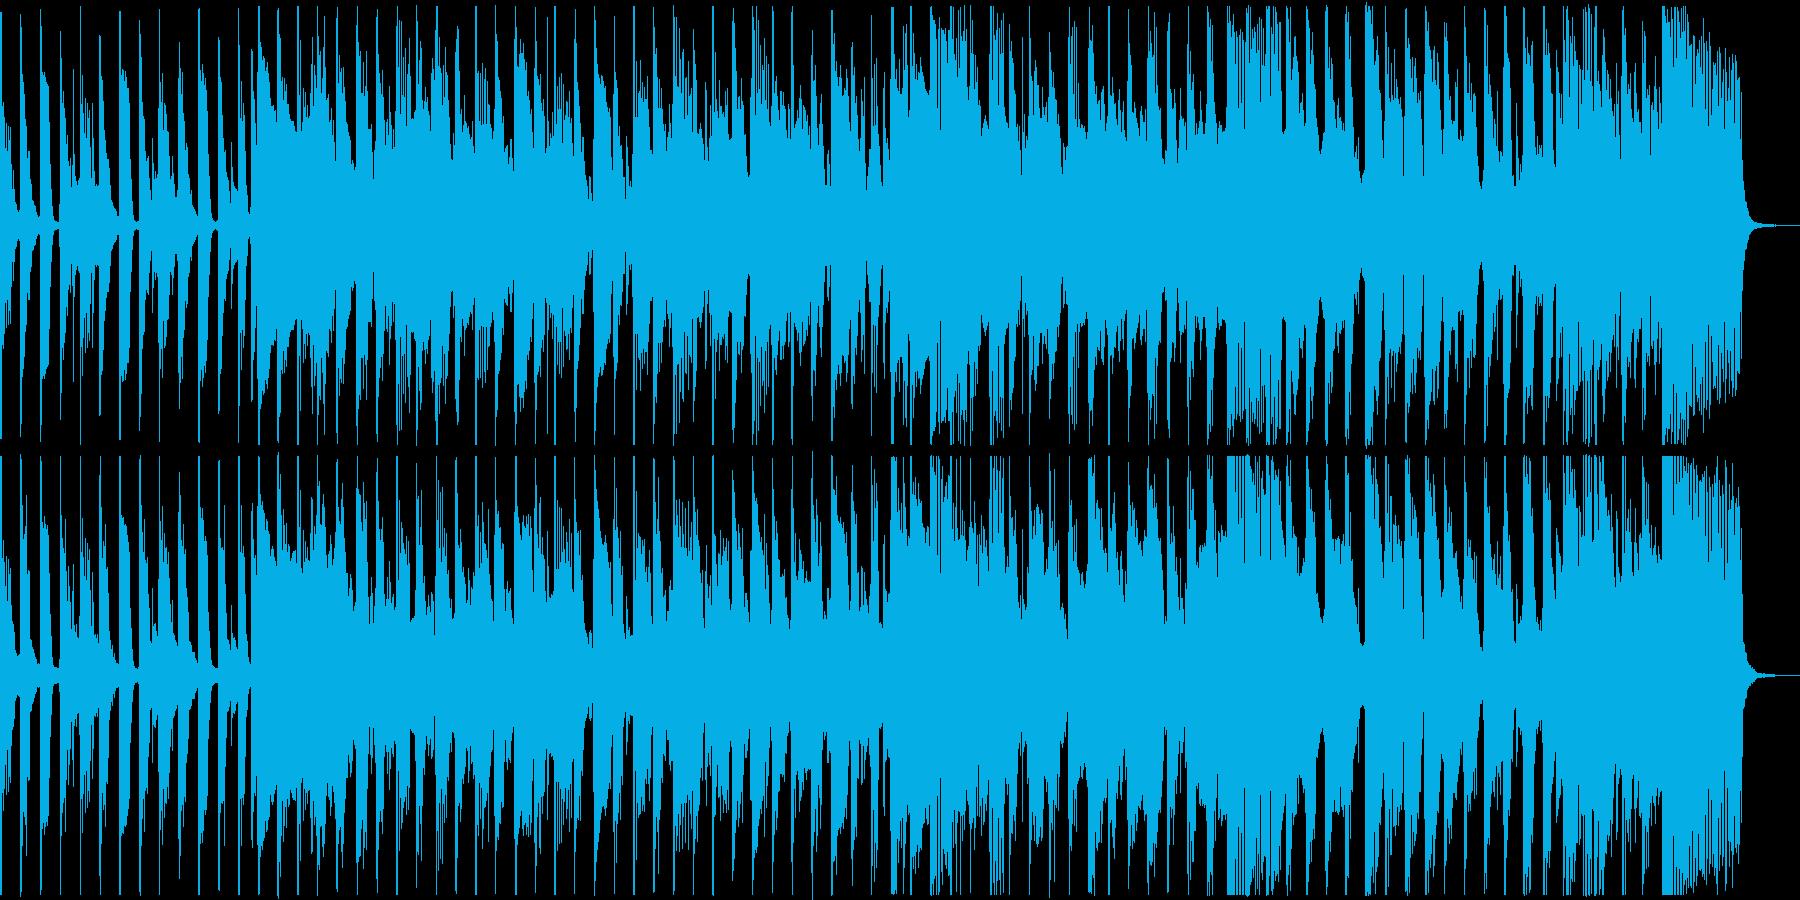 明るいトロピカルな雰囲気の30秒CMの再生済みの波形